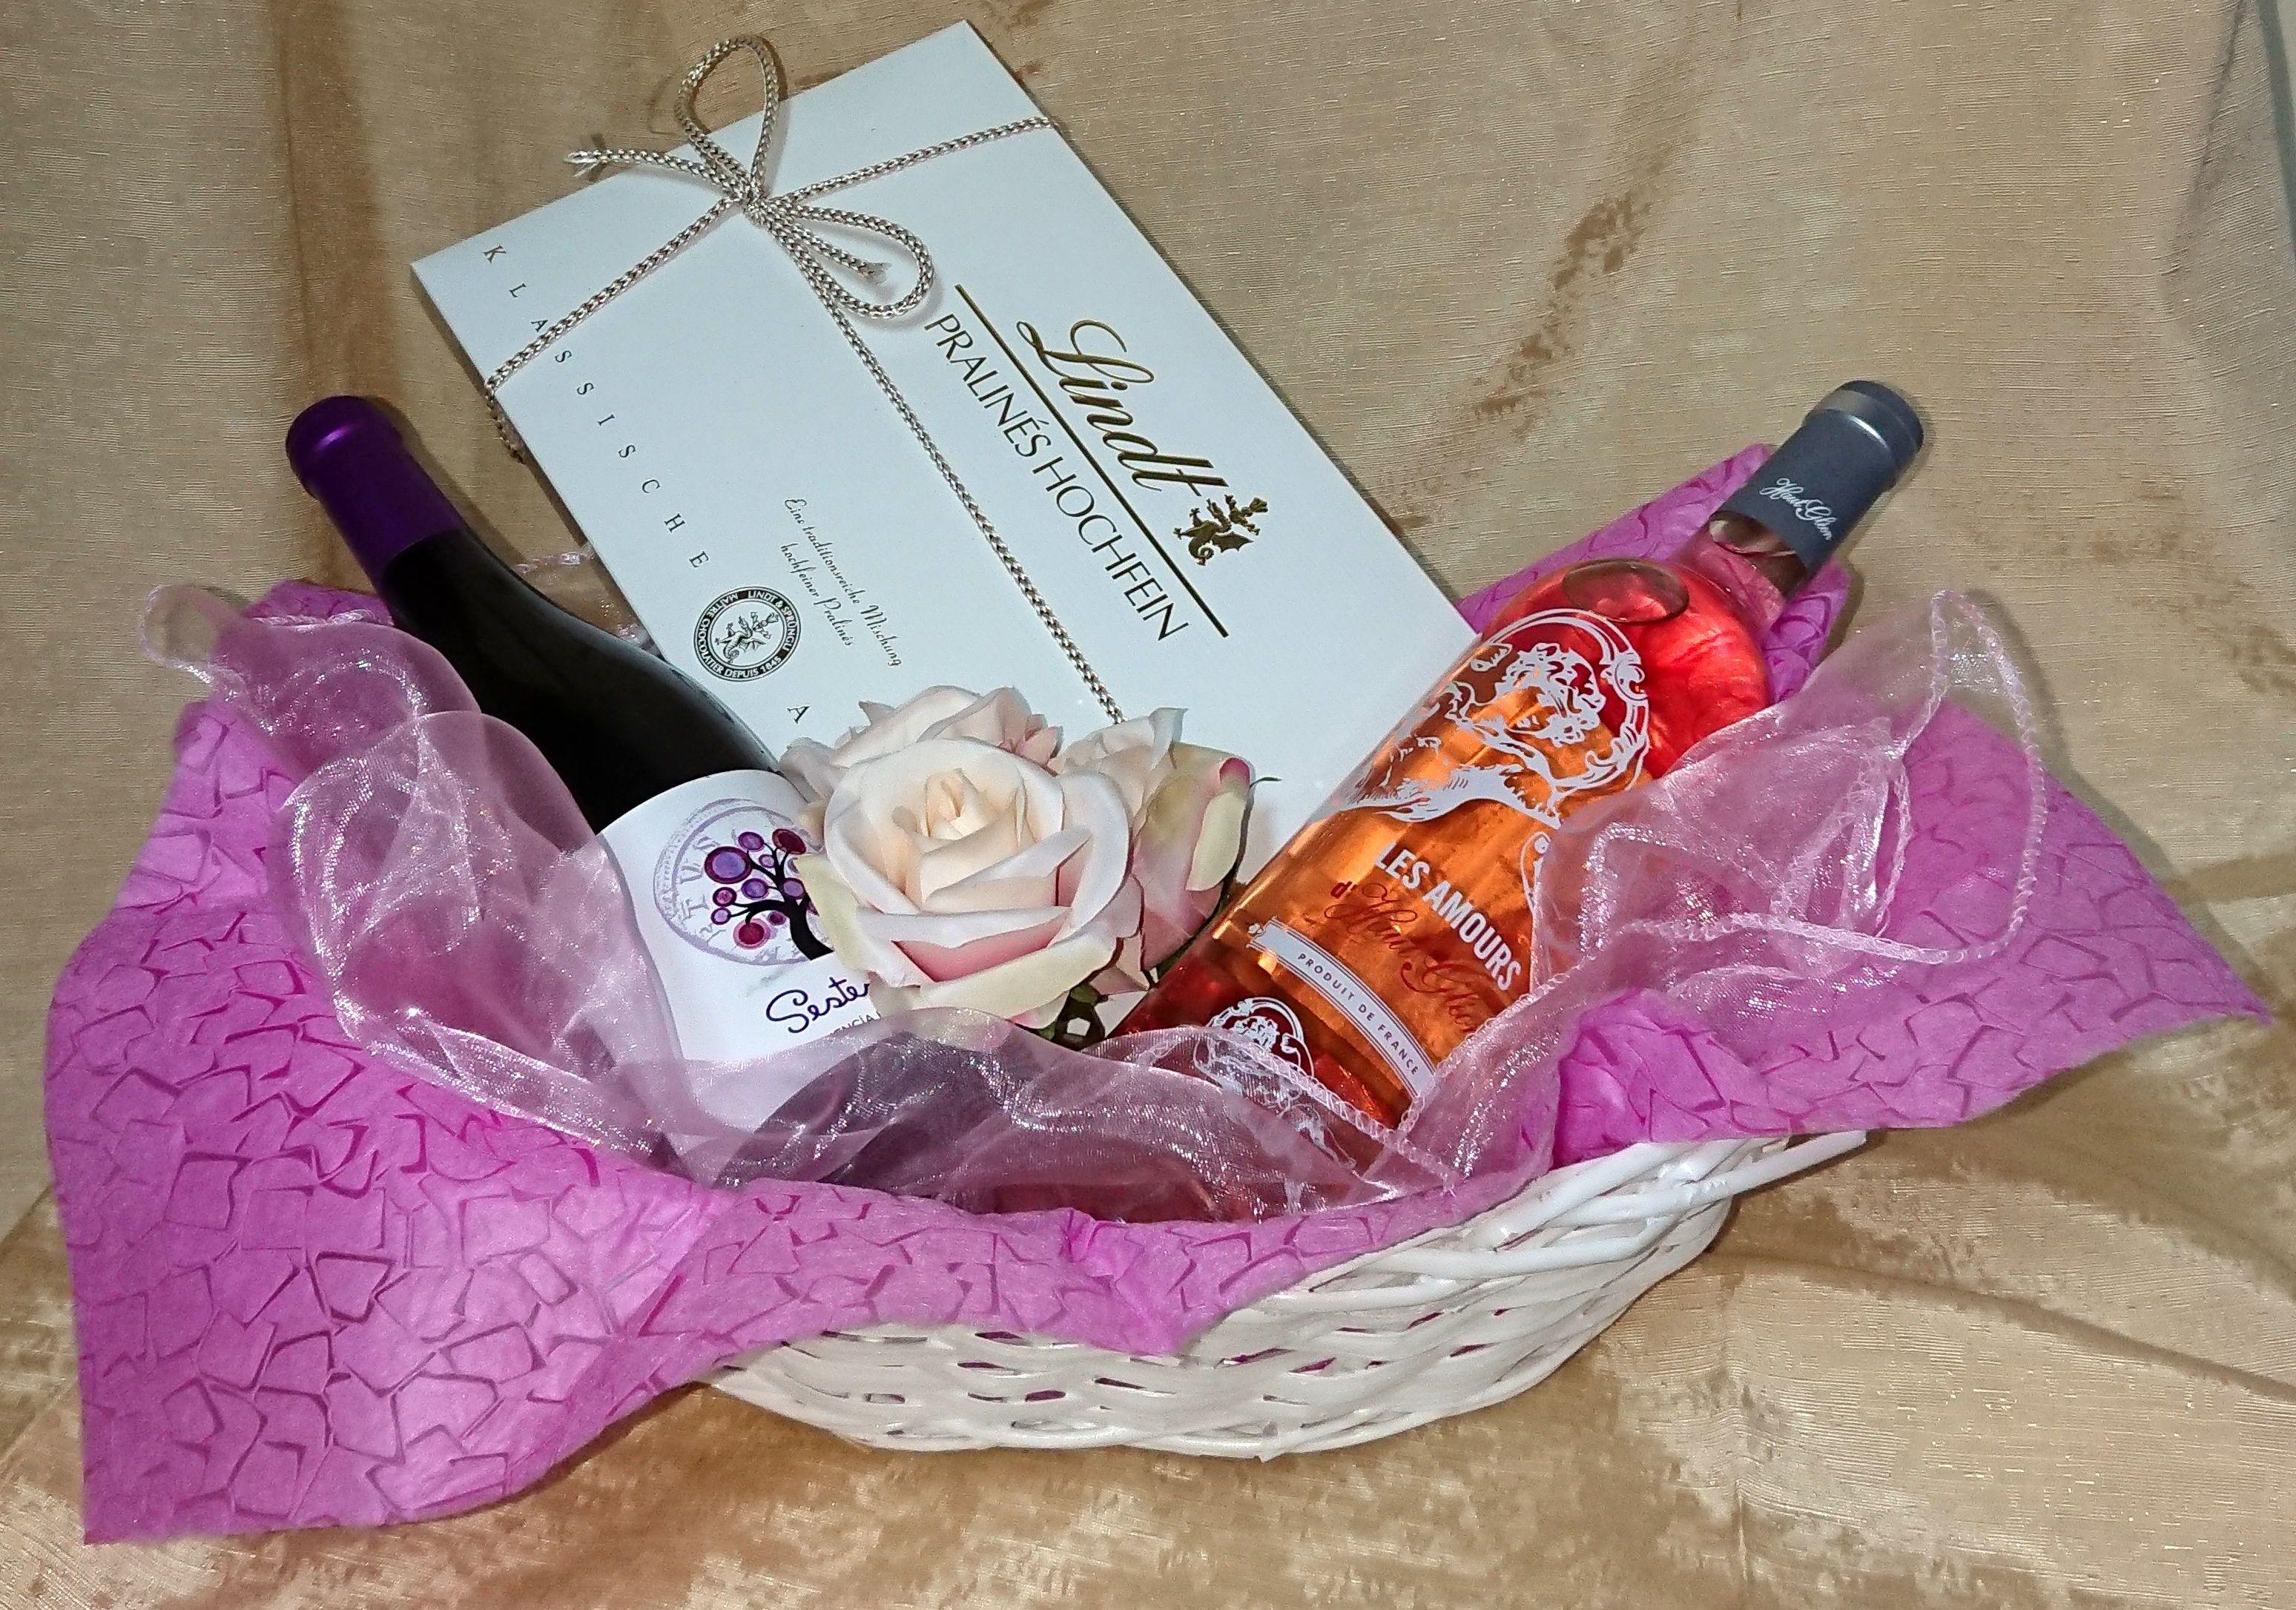 Кошница Fruktmix Lindt, доставки на плодове, кошници, кошница с плодове, кошници с плодове